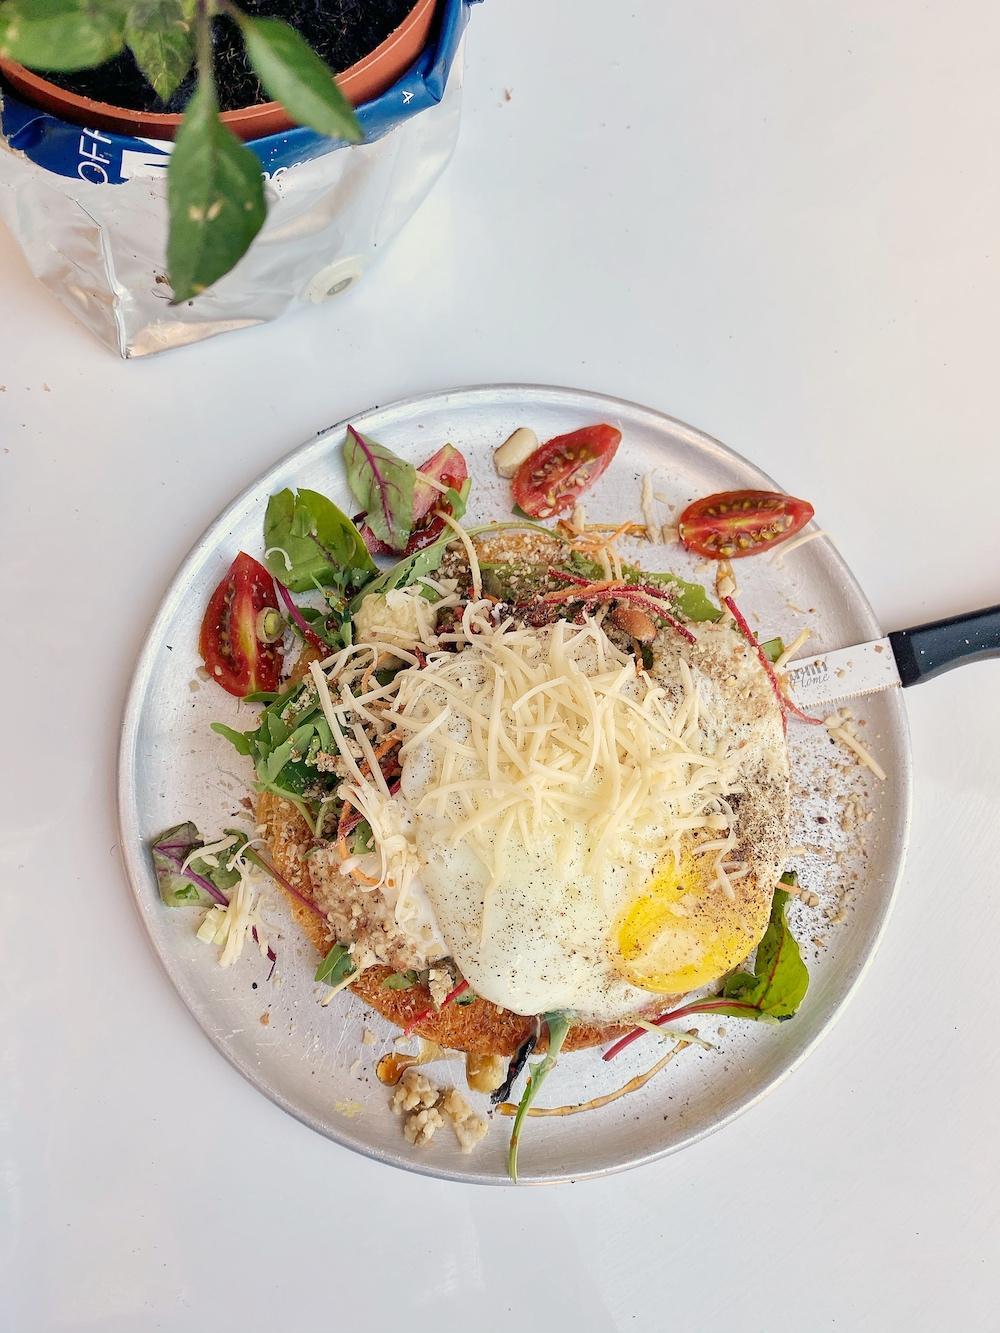 אוכל כשר מסעדות כשרות מומלצות בחיפה בלוג חיפאית שירי ויצנר6